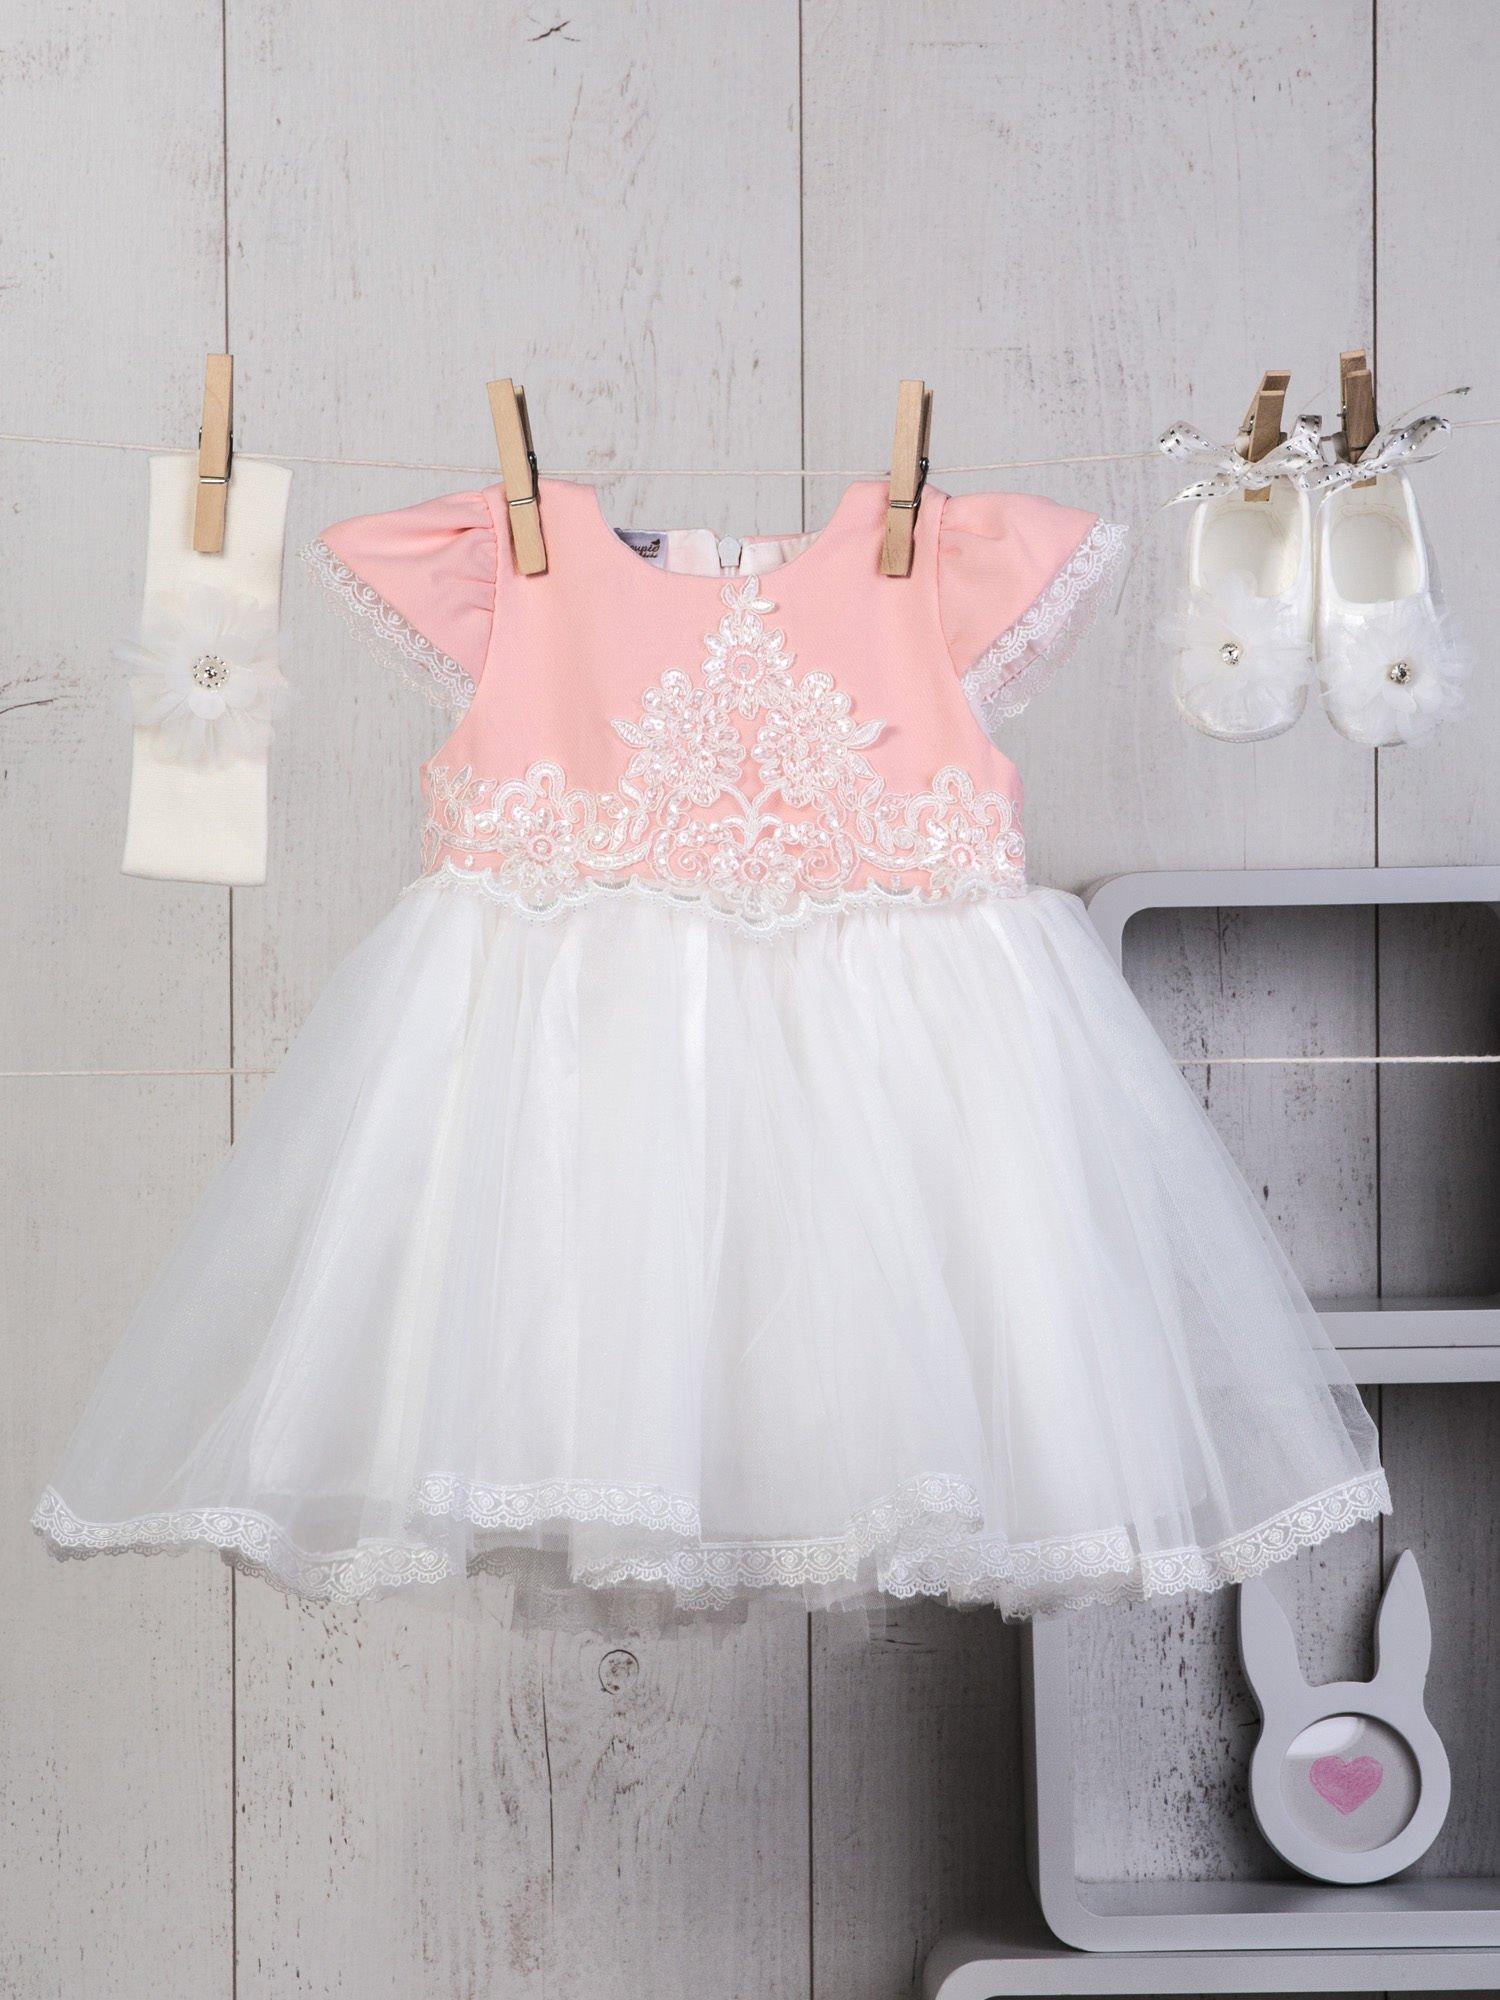 d7d18013c3 Biało-różowy niemowlęcy 3-elementowy zestaw wizytowy dla dziewczynki  sukienka tiulowa buciki i ozdobna ...